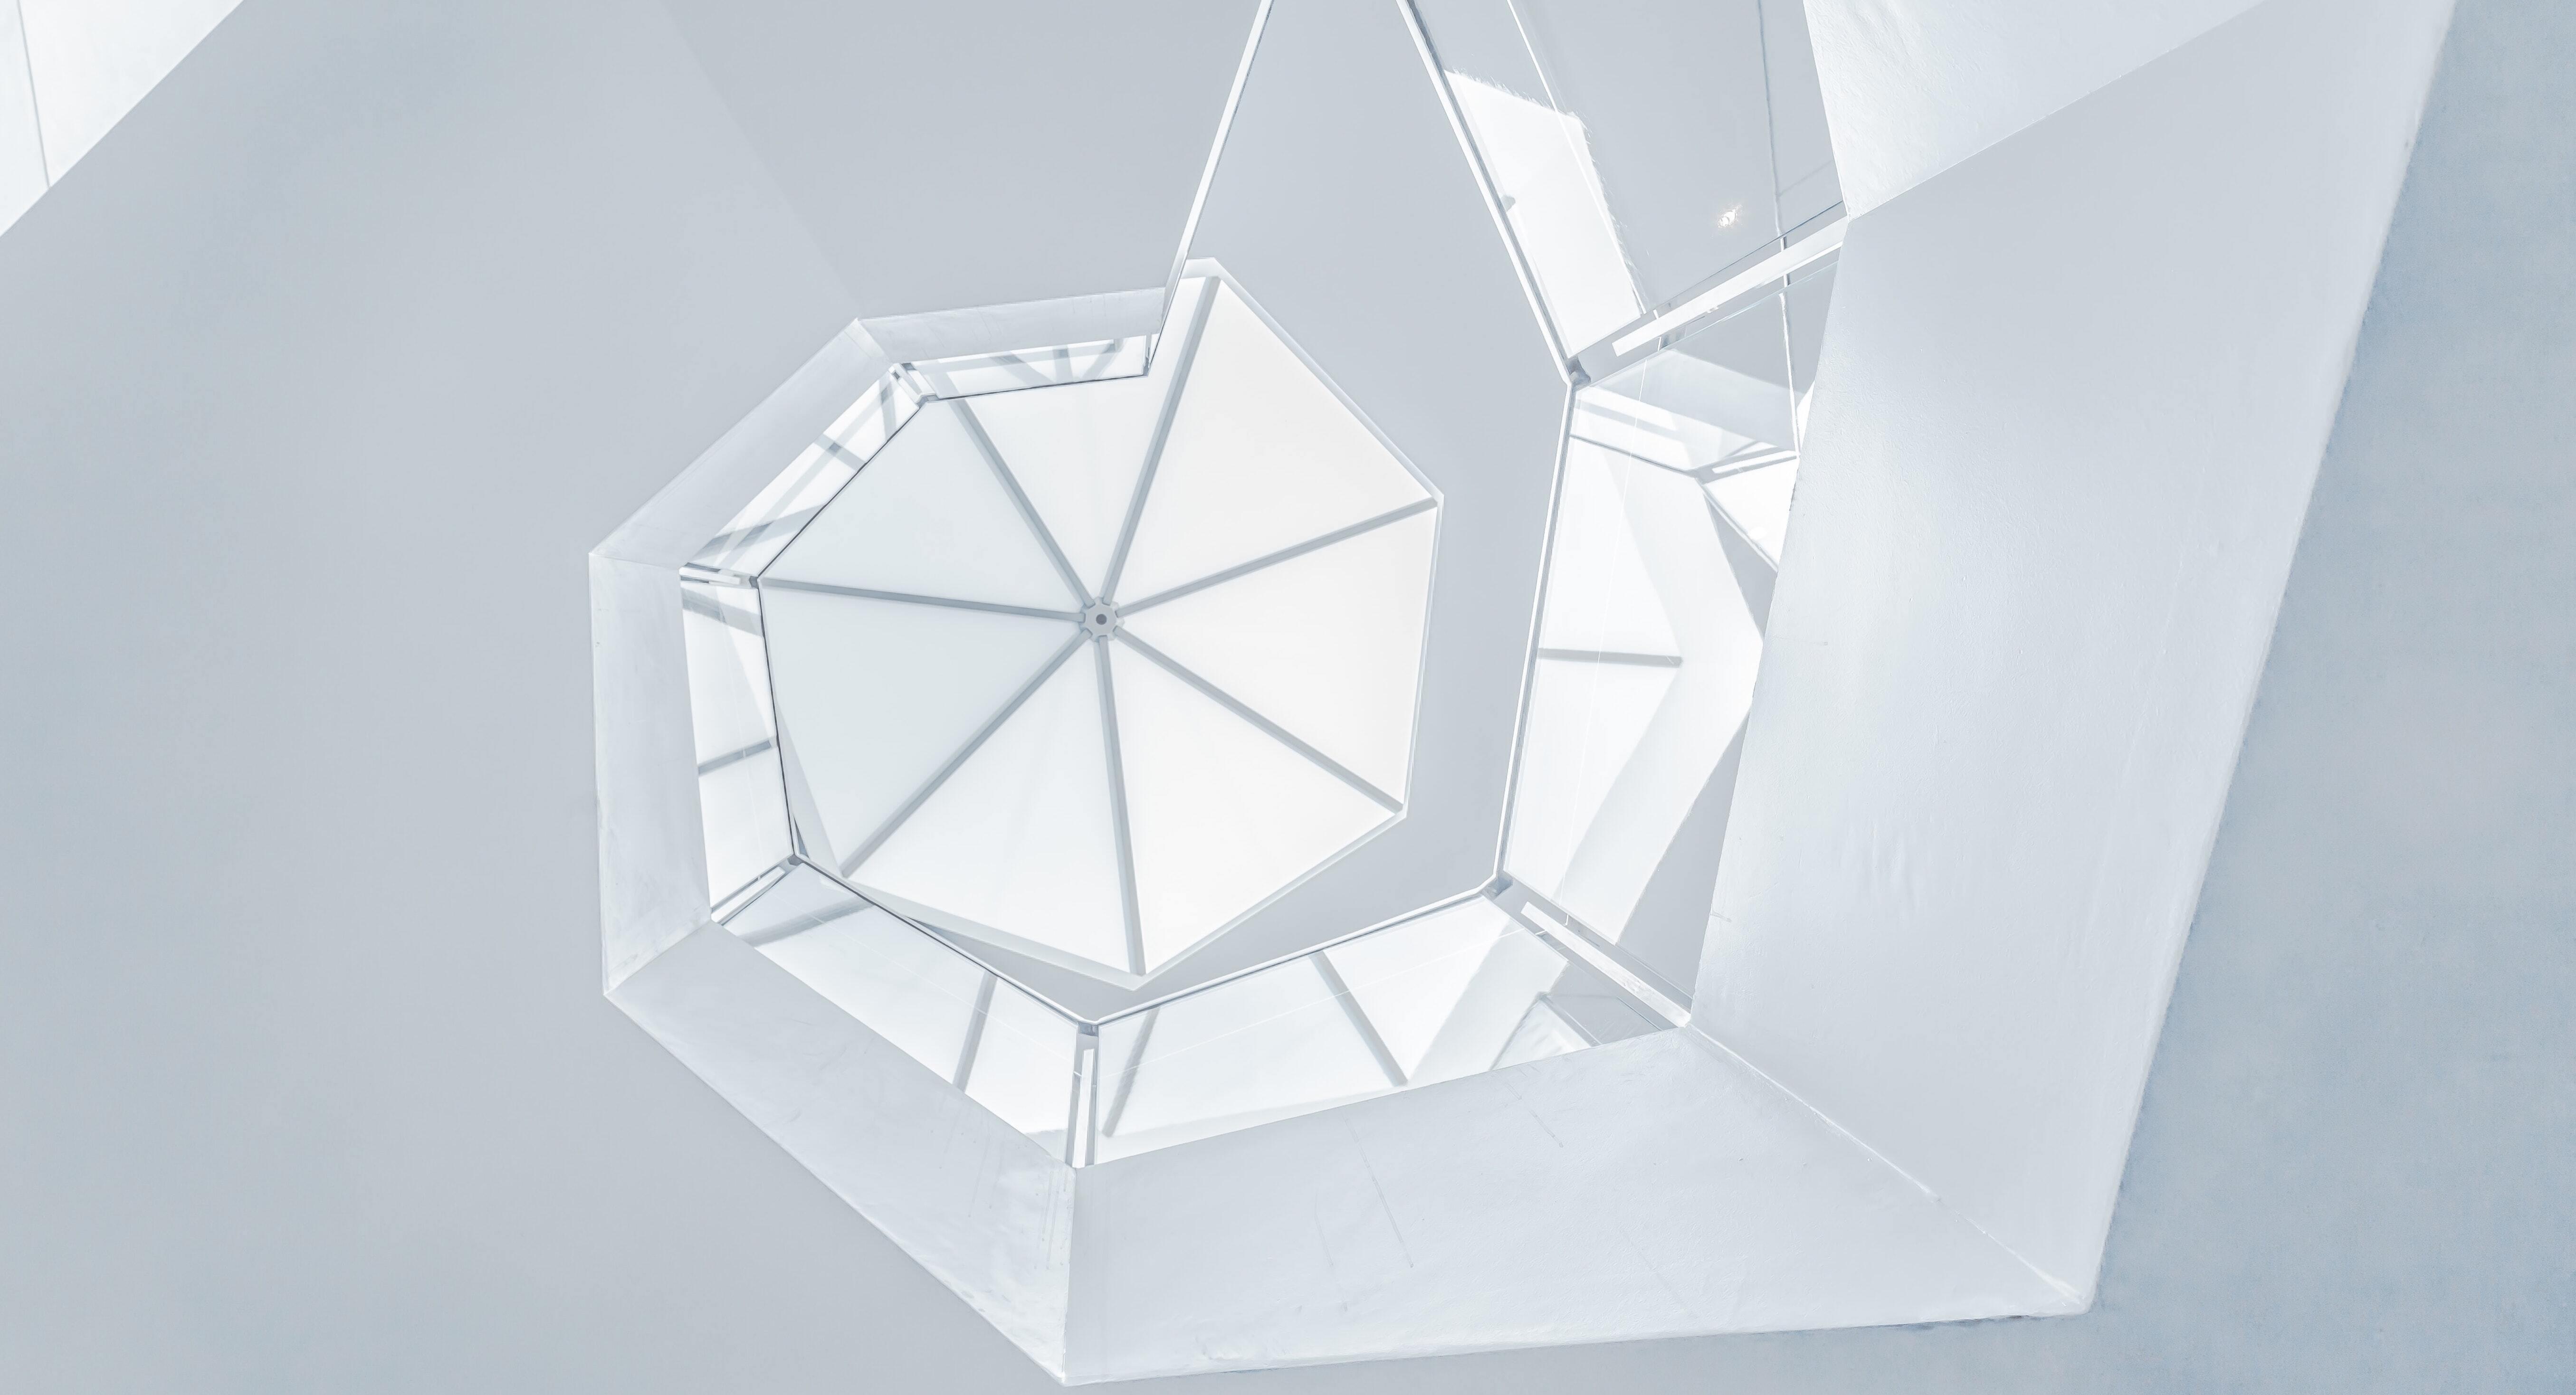 架构方法:运用合适的工具表达设计